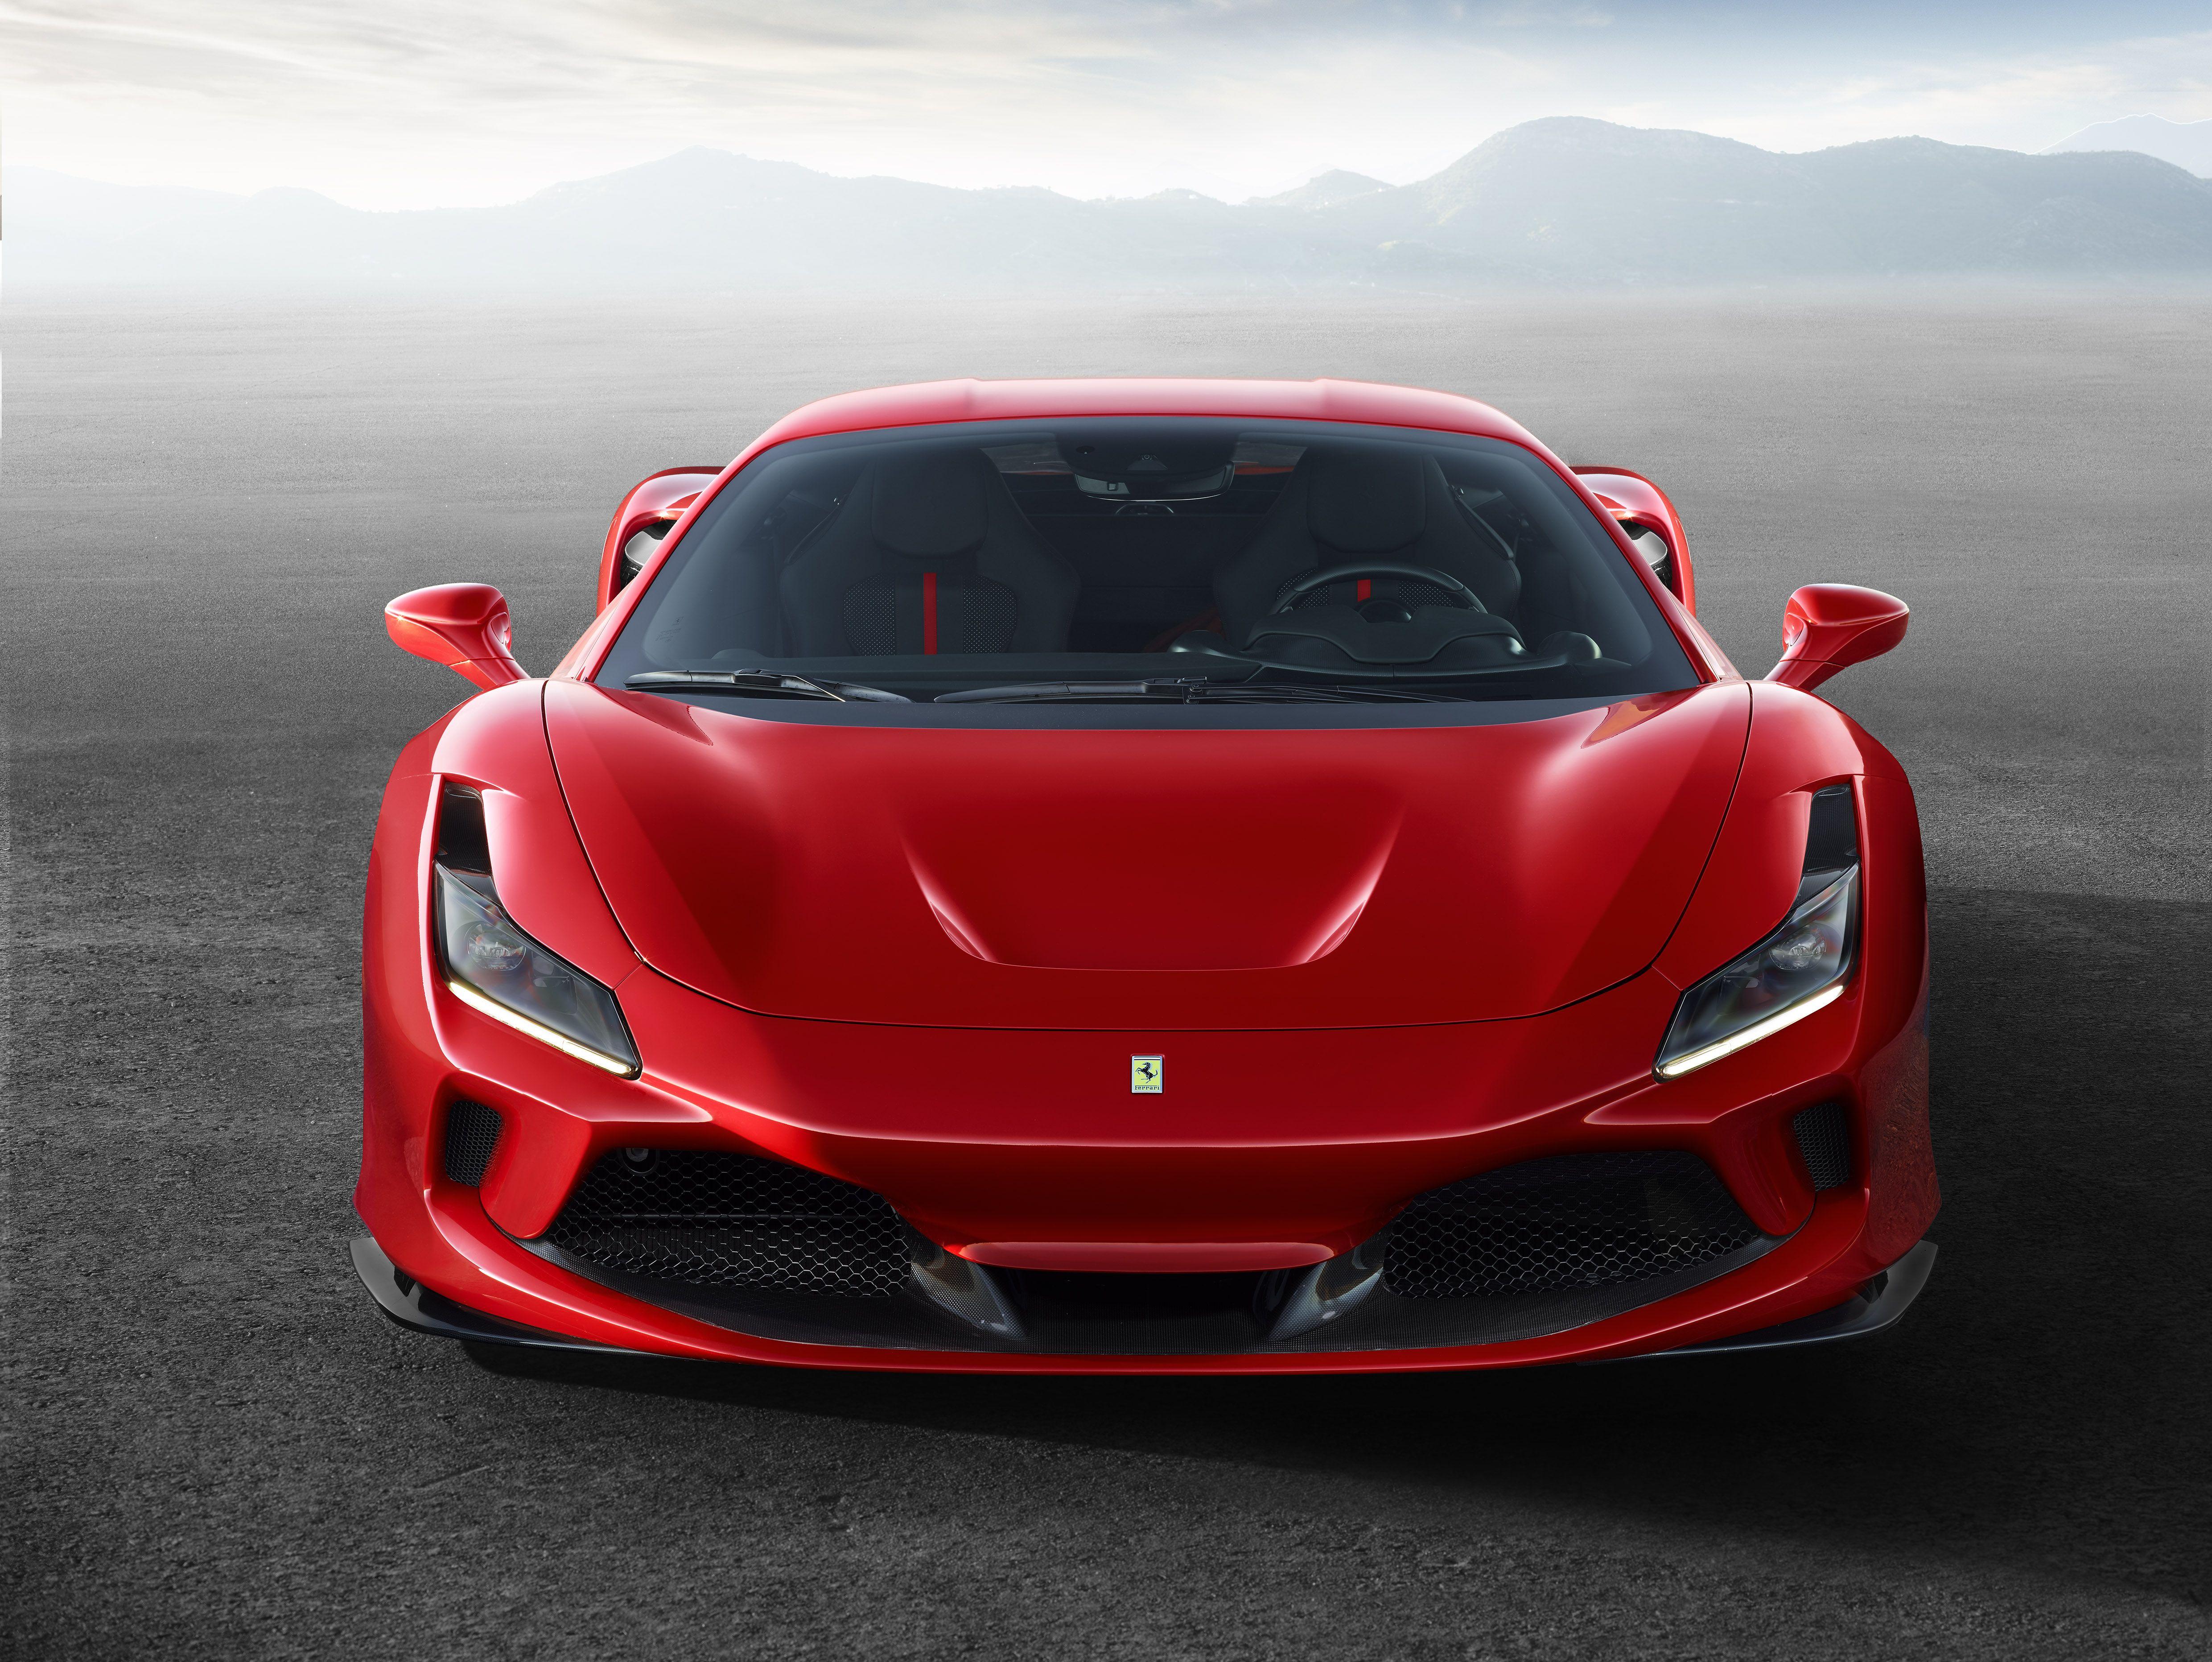 The Ferrari F8 Tributo Is A 488 Pista For The Common Man